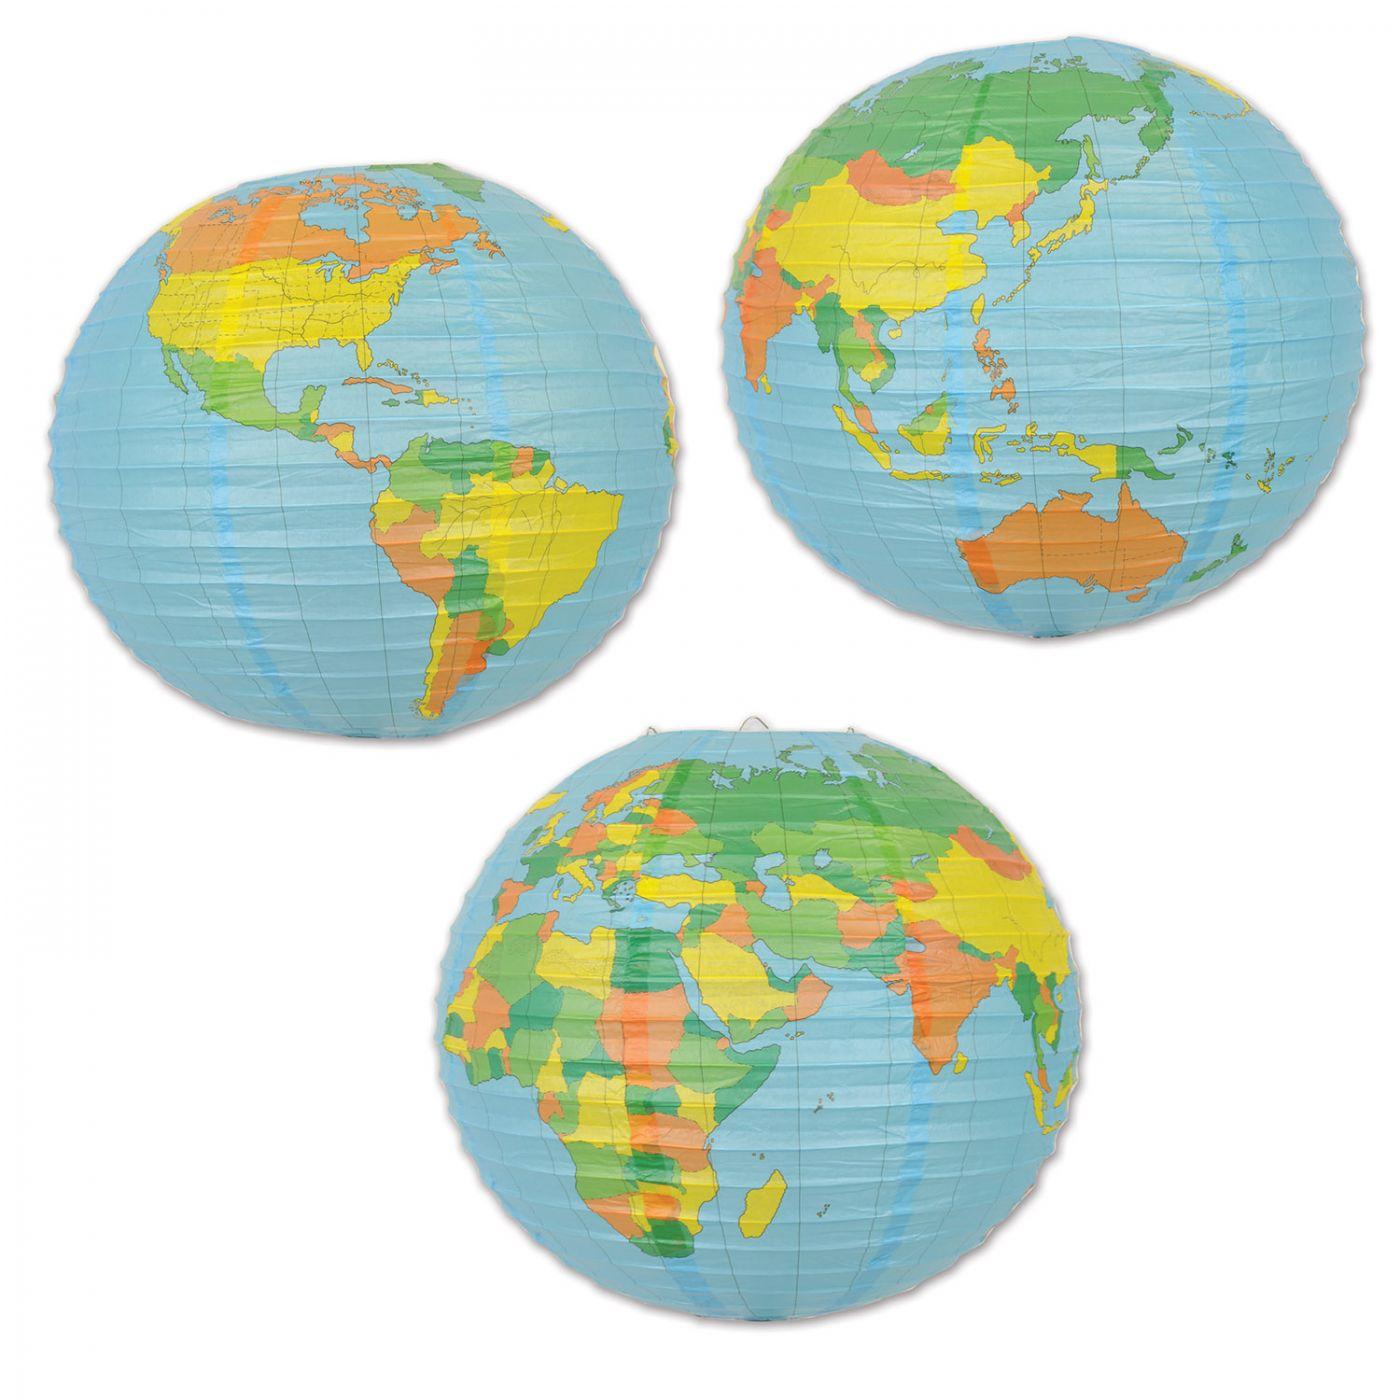 Globe Paper Lantern image